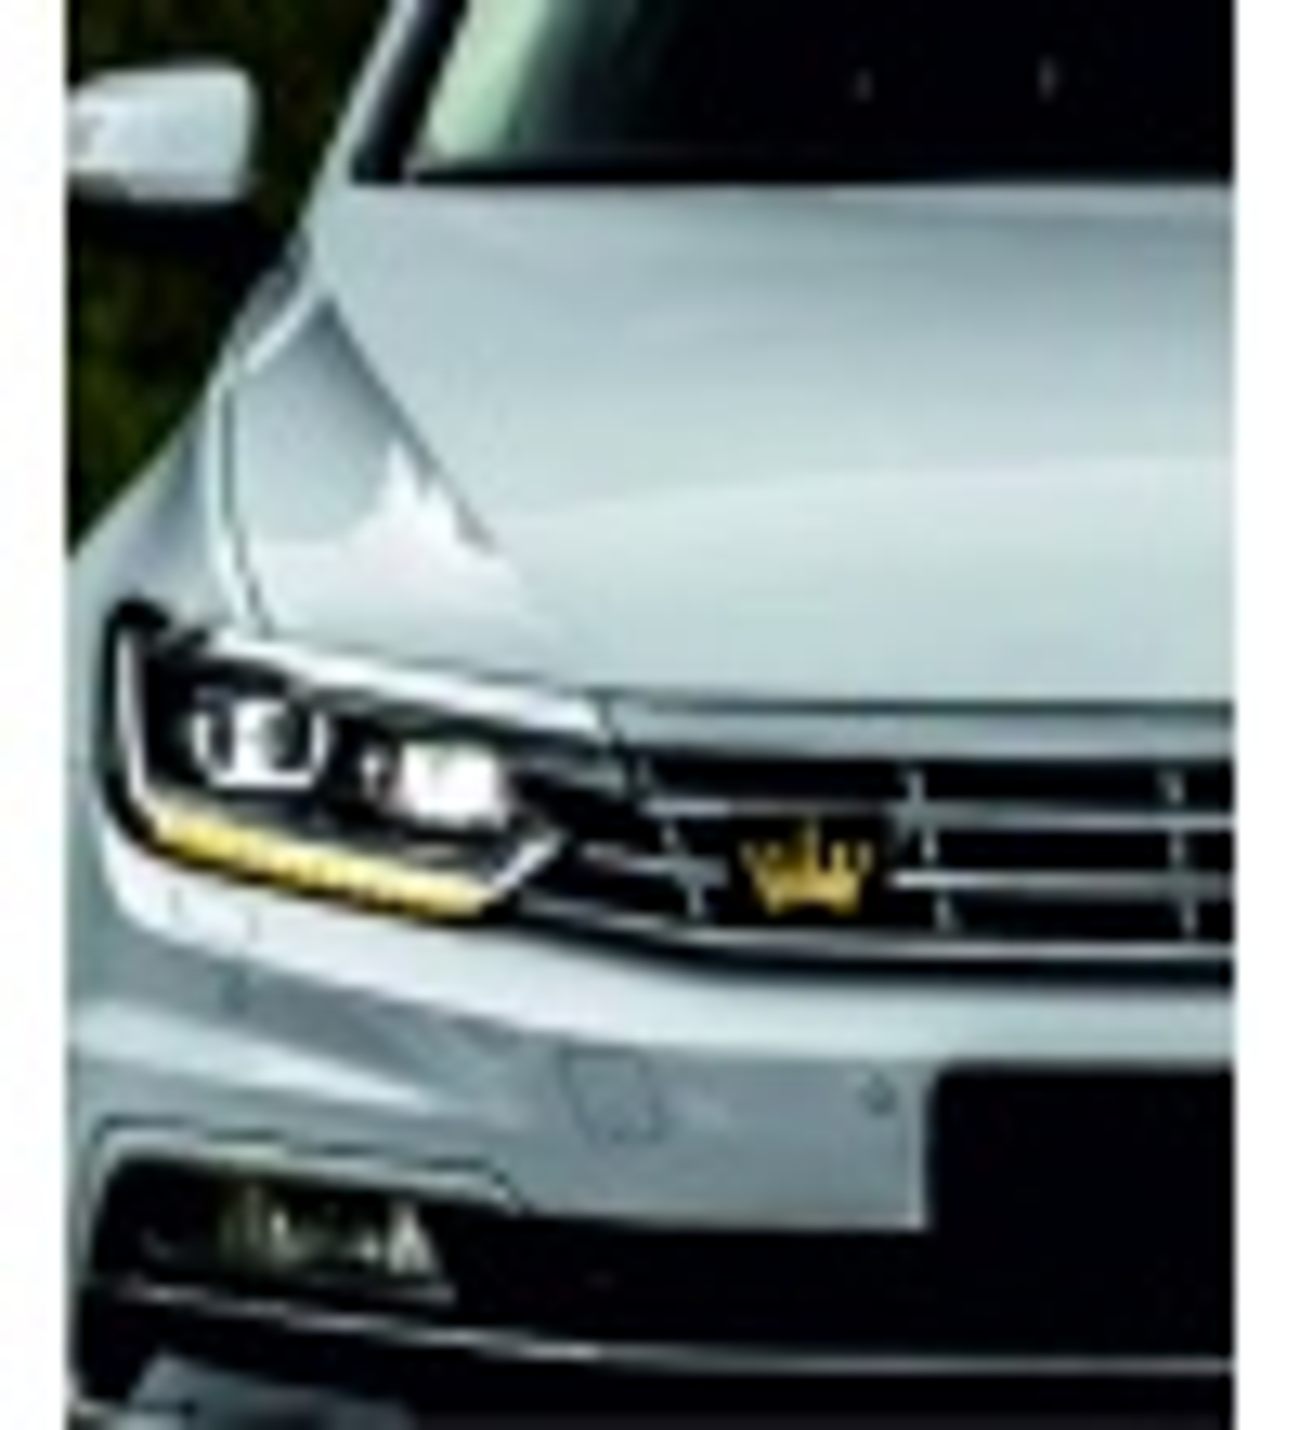 Araç Ön Panjur Logosu Panjur Arma Kral Tacı Altın logolu